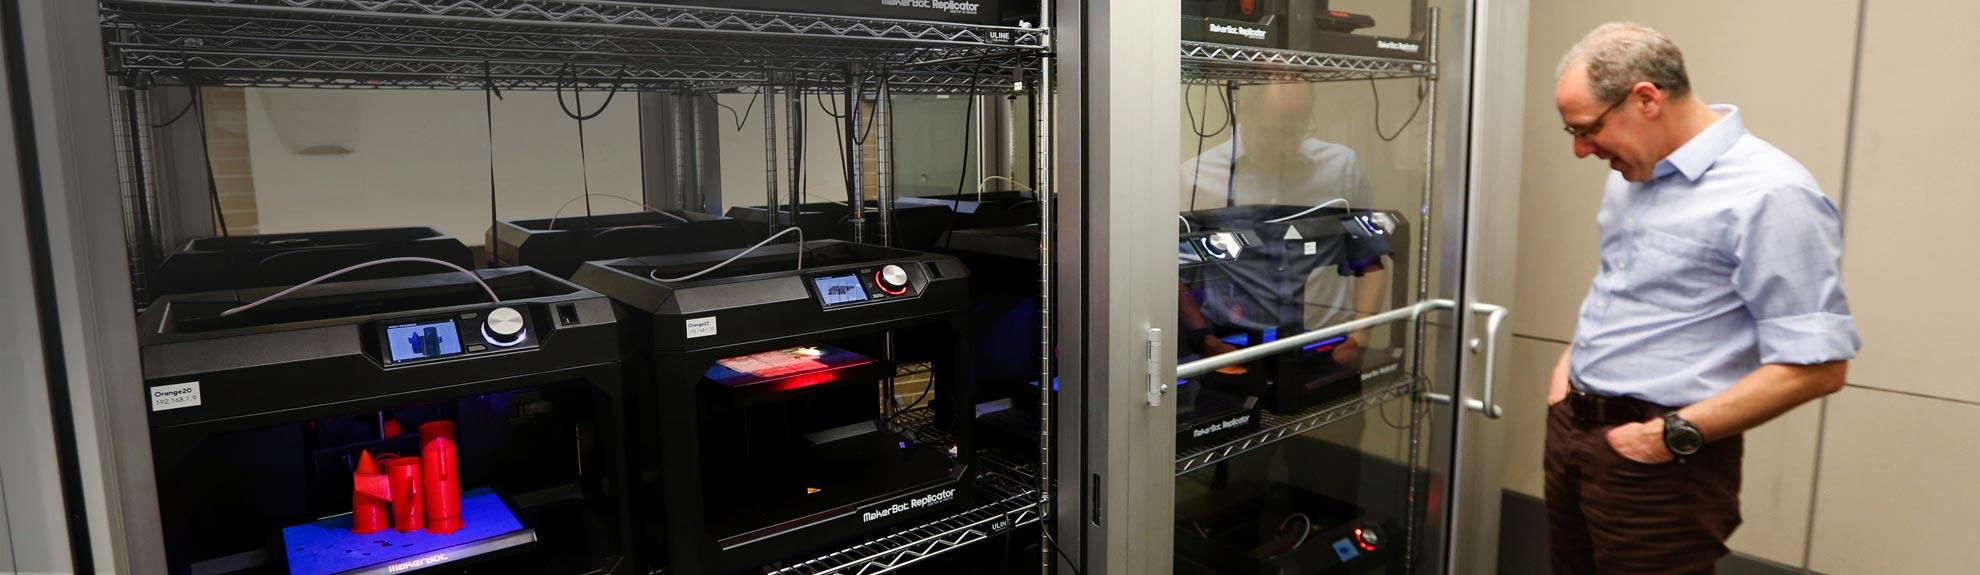 Makerbot-Innovation-Center